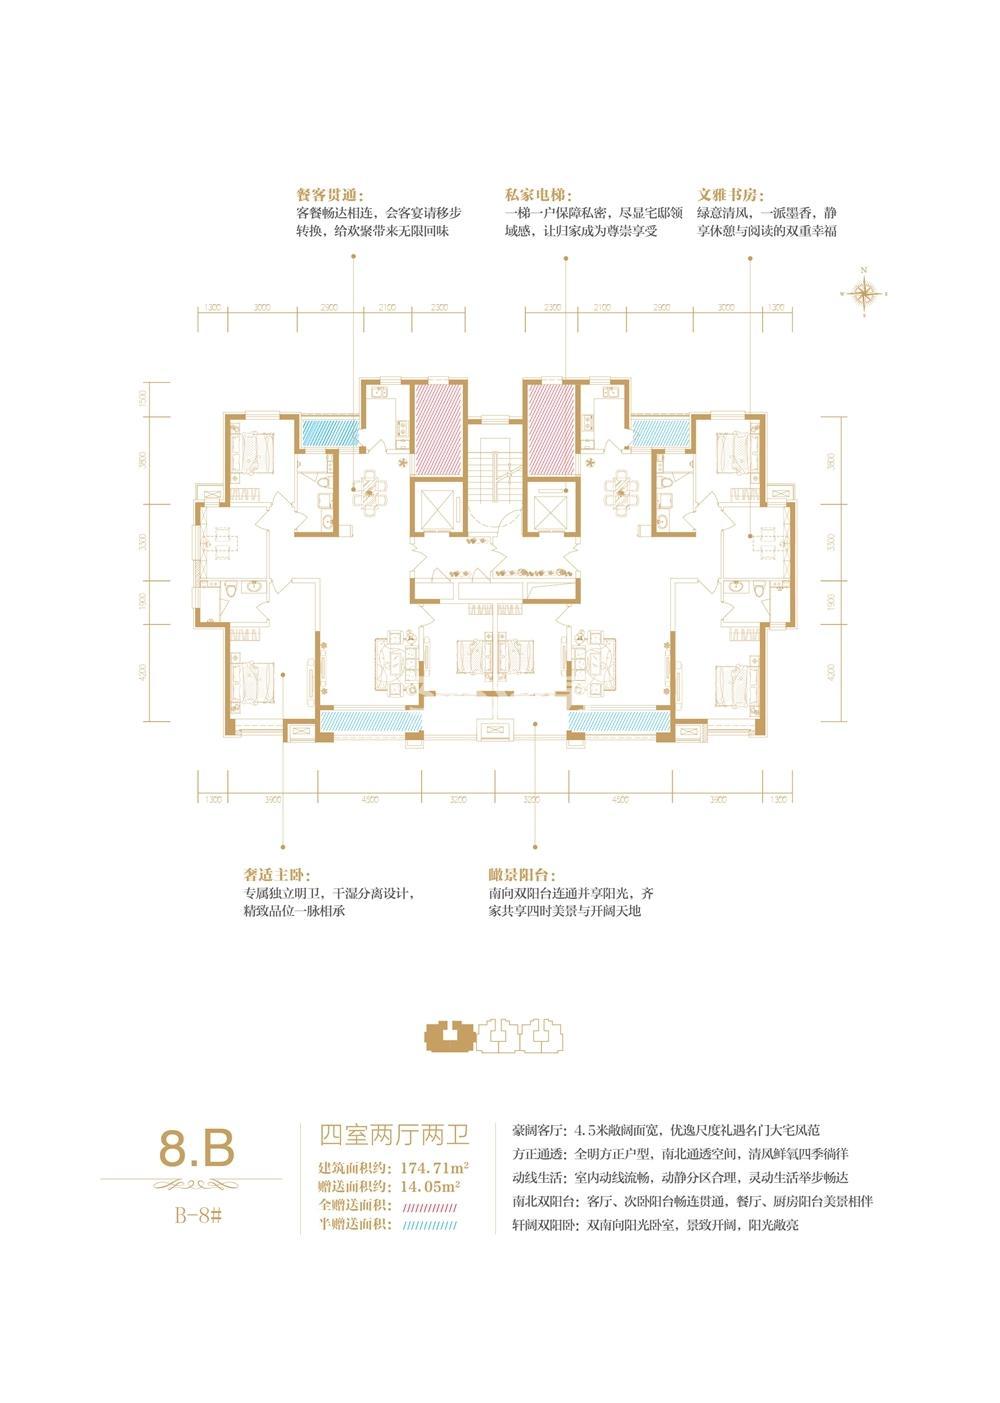 B-8#楼王8B户型